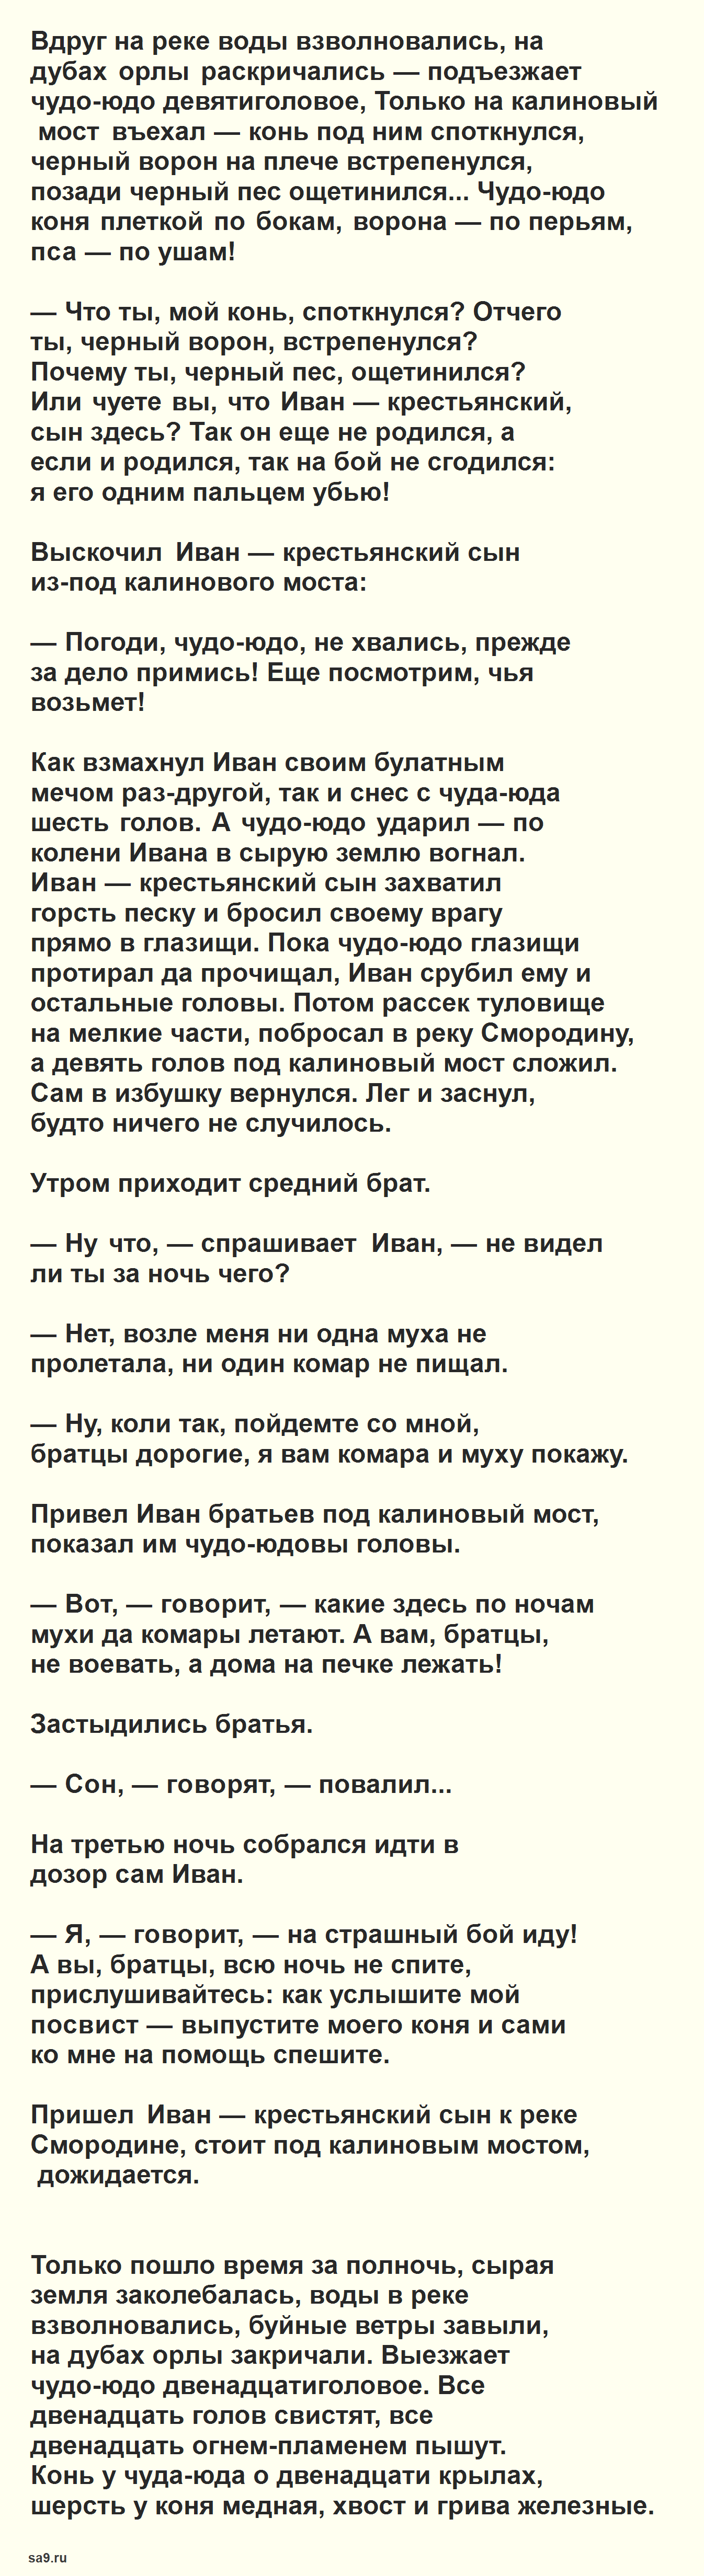 Читать русскую народную сказку - Иван крестьянский сын, для детей